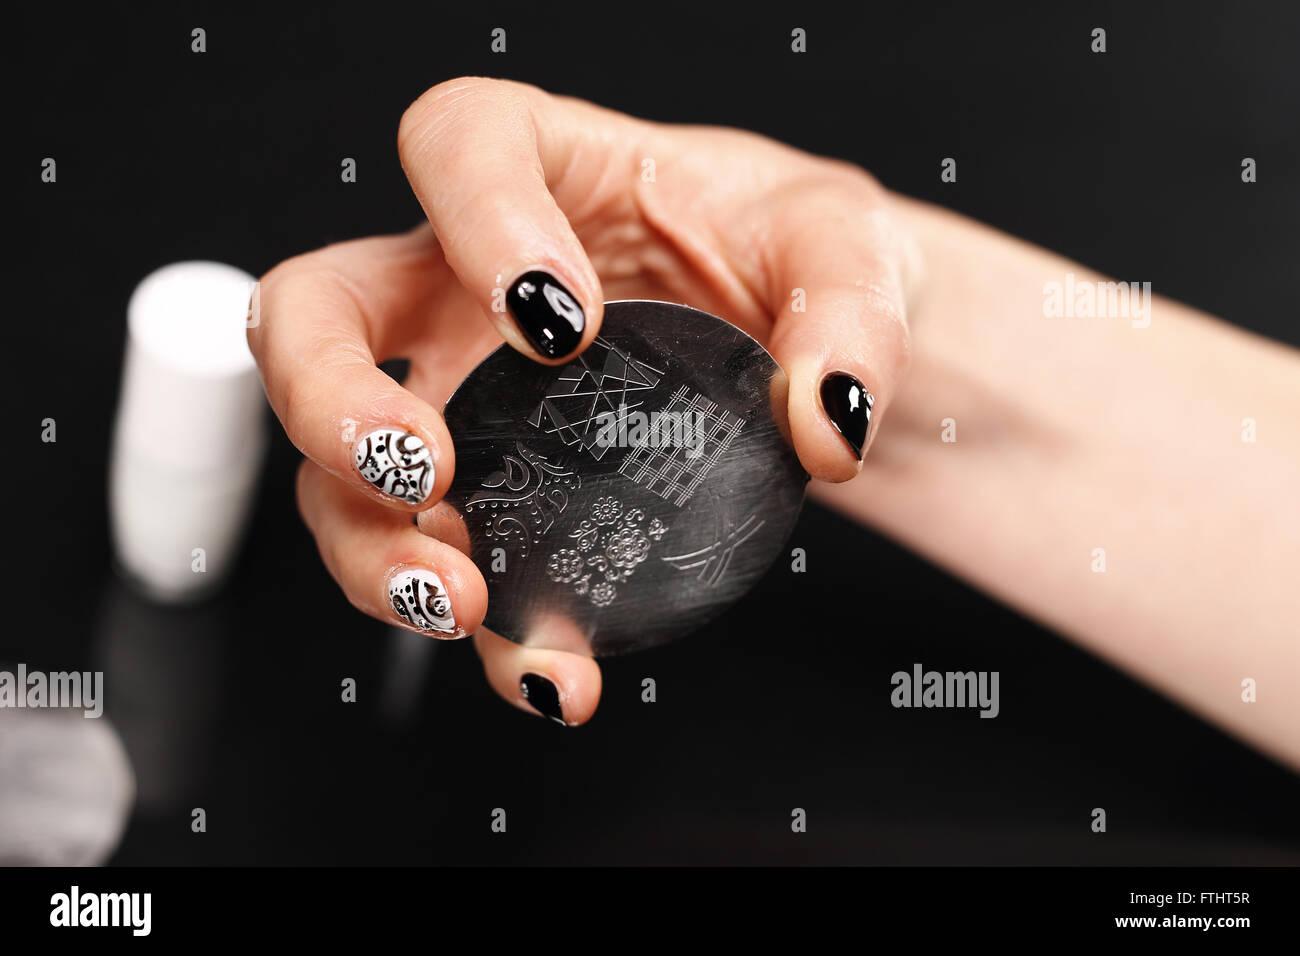 manikre muster auf den ngeln manikre ngel verzieren lamellen briefmarken nagel kosmetikerin gilt den lack auf tafel - Nagel Muster